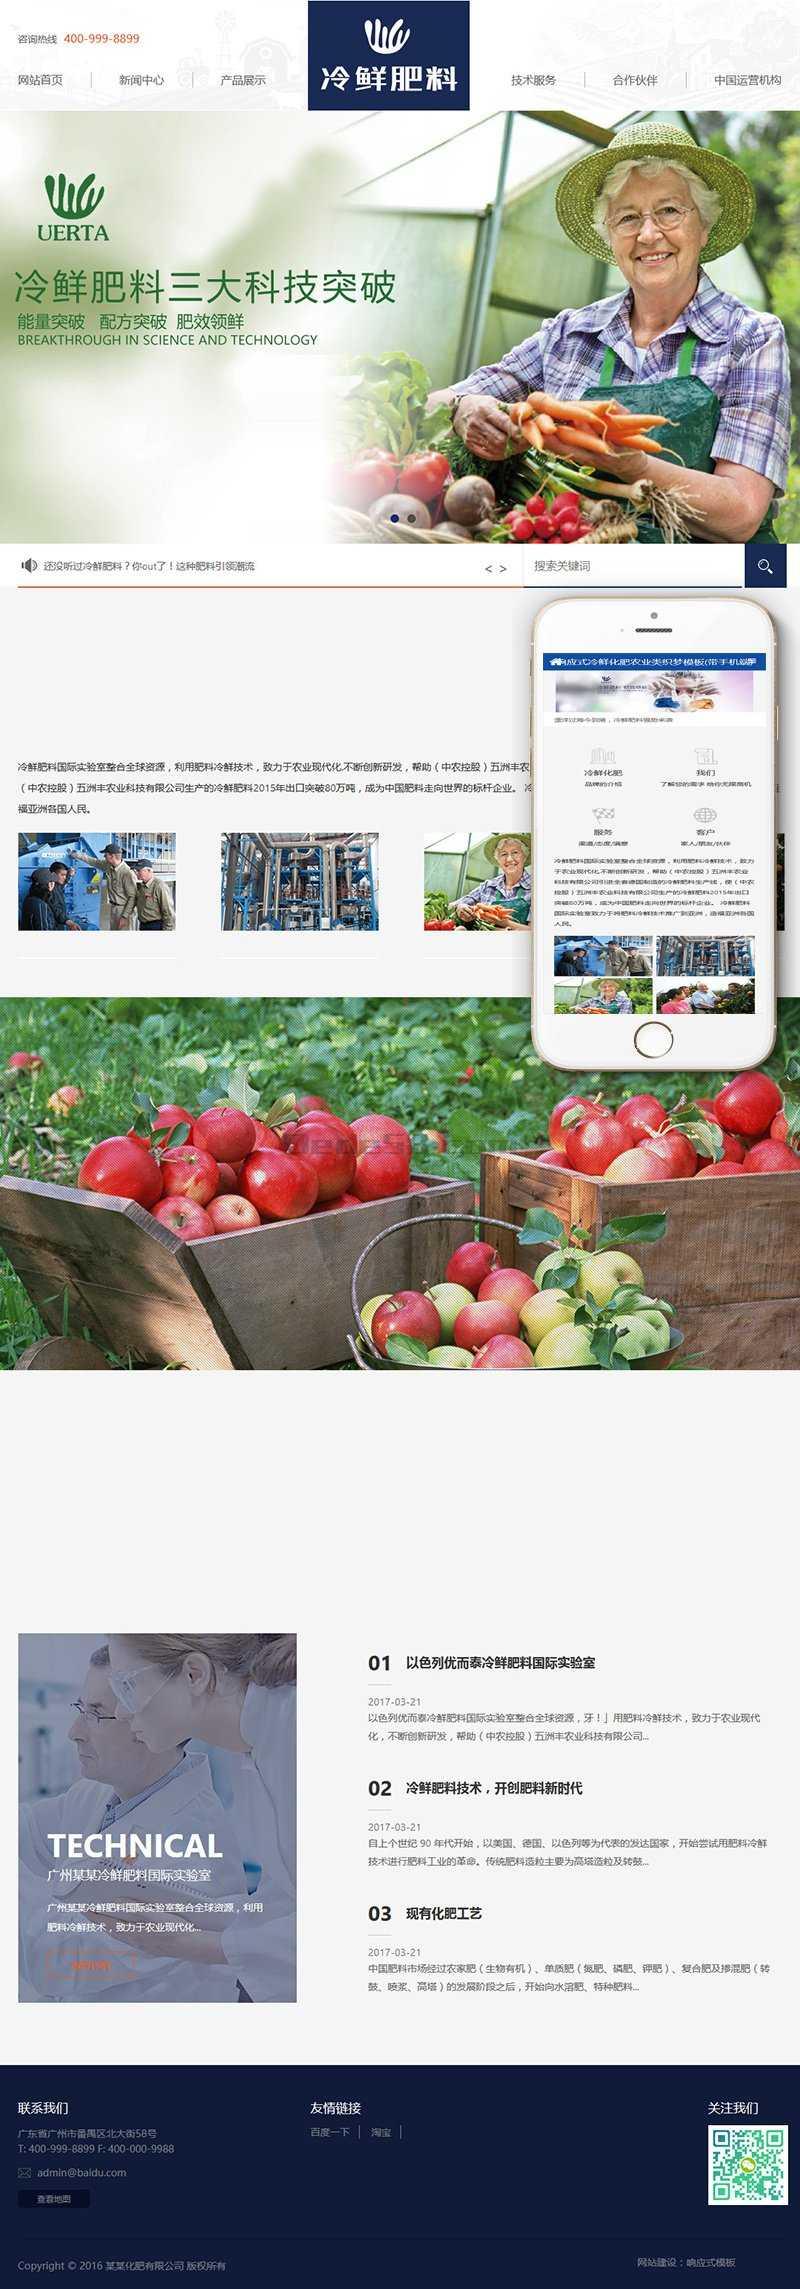 织梦响应式冷鲜化肥农业类织梦模板(自适应手机端)插图1